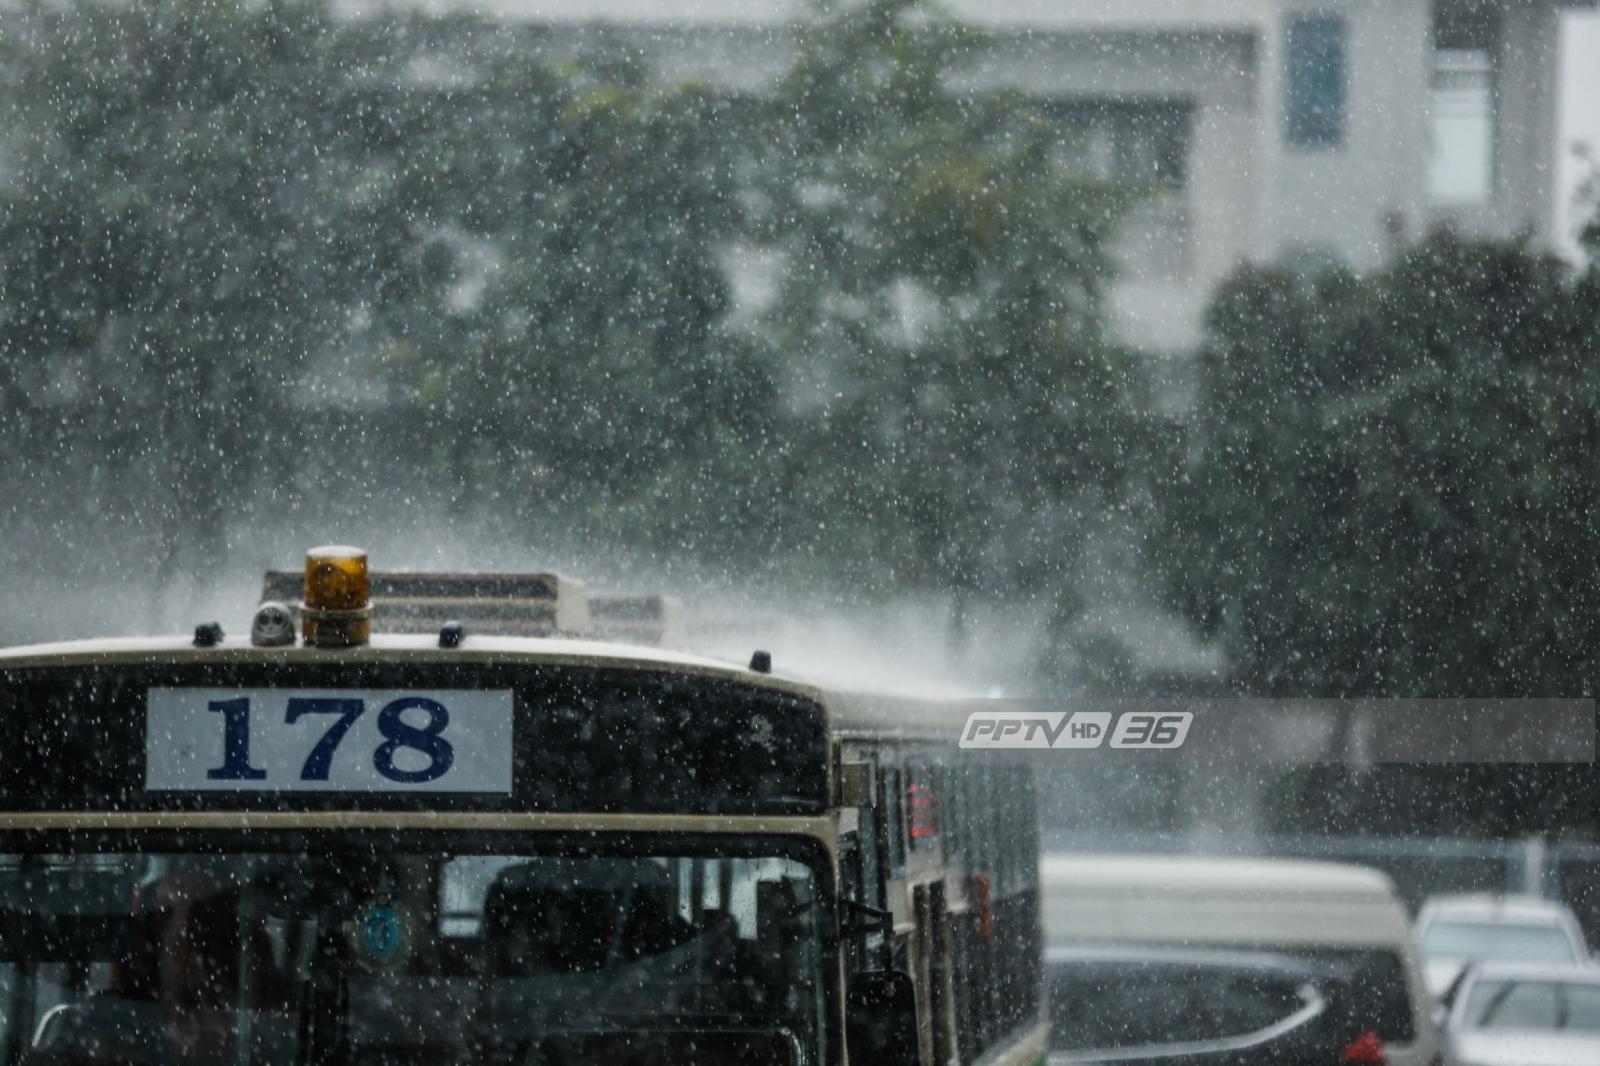 กรุงเทพฯ-ปริมณฑล มีฝนร้อยละ 40